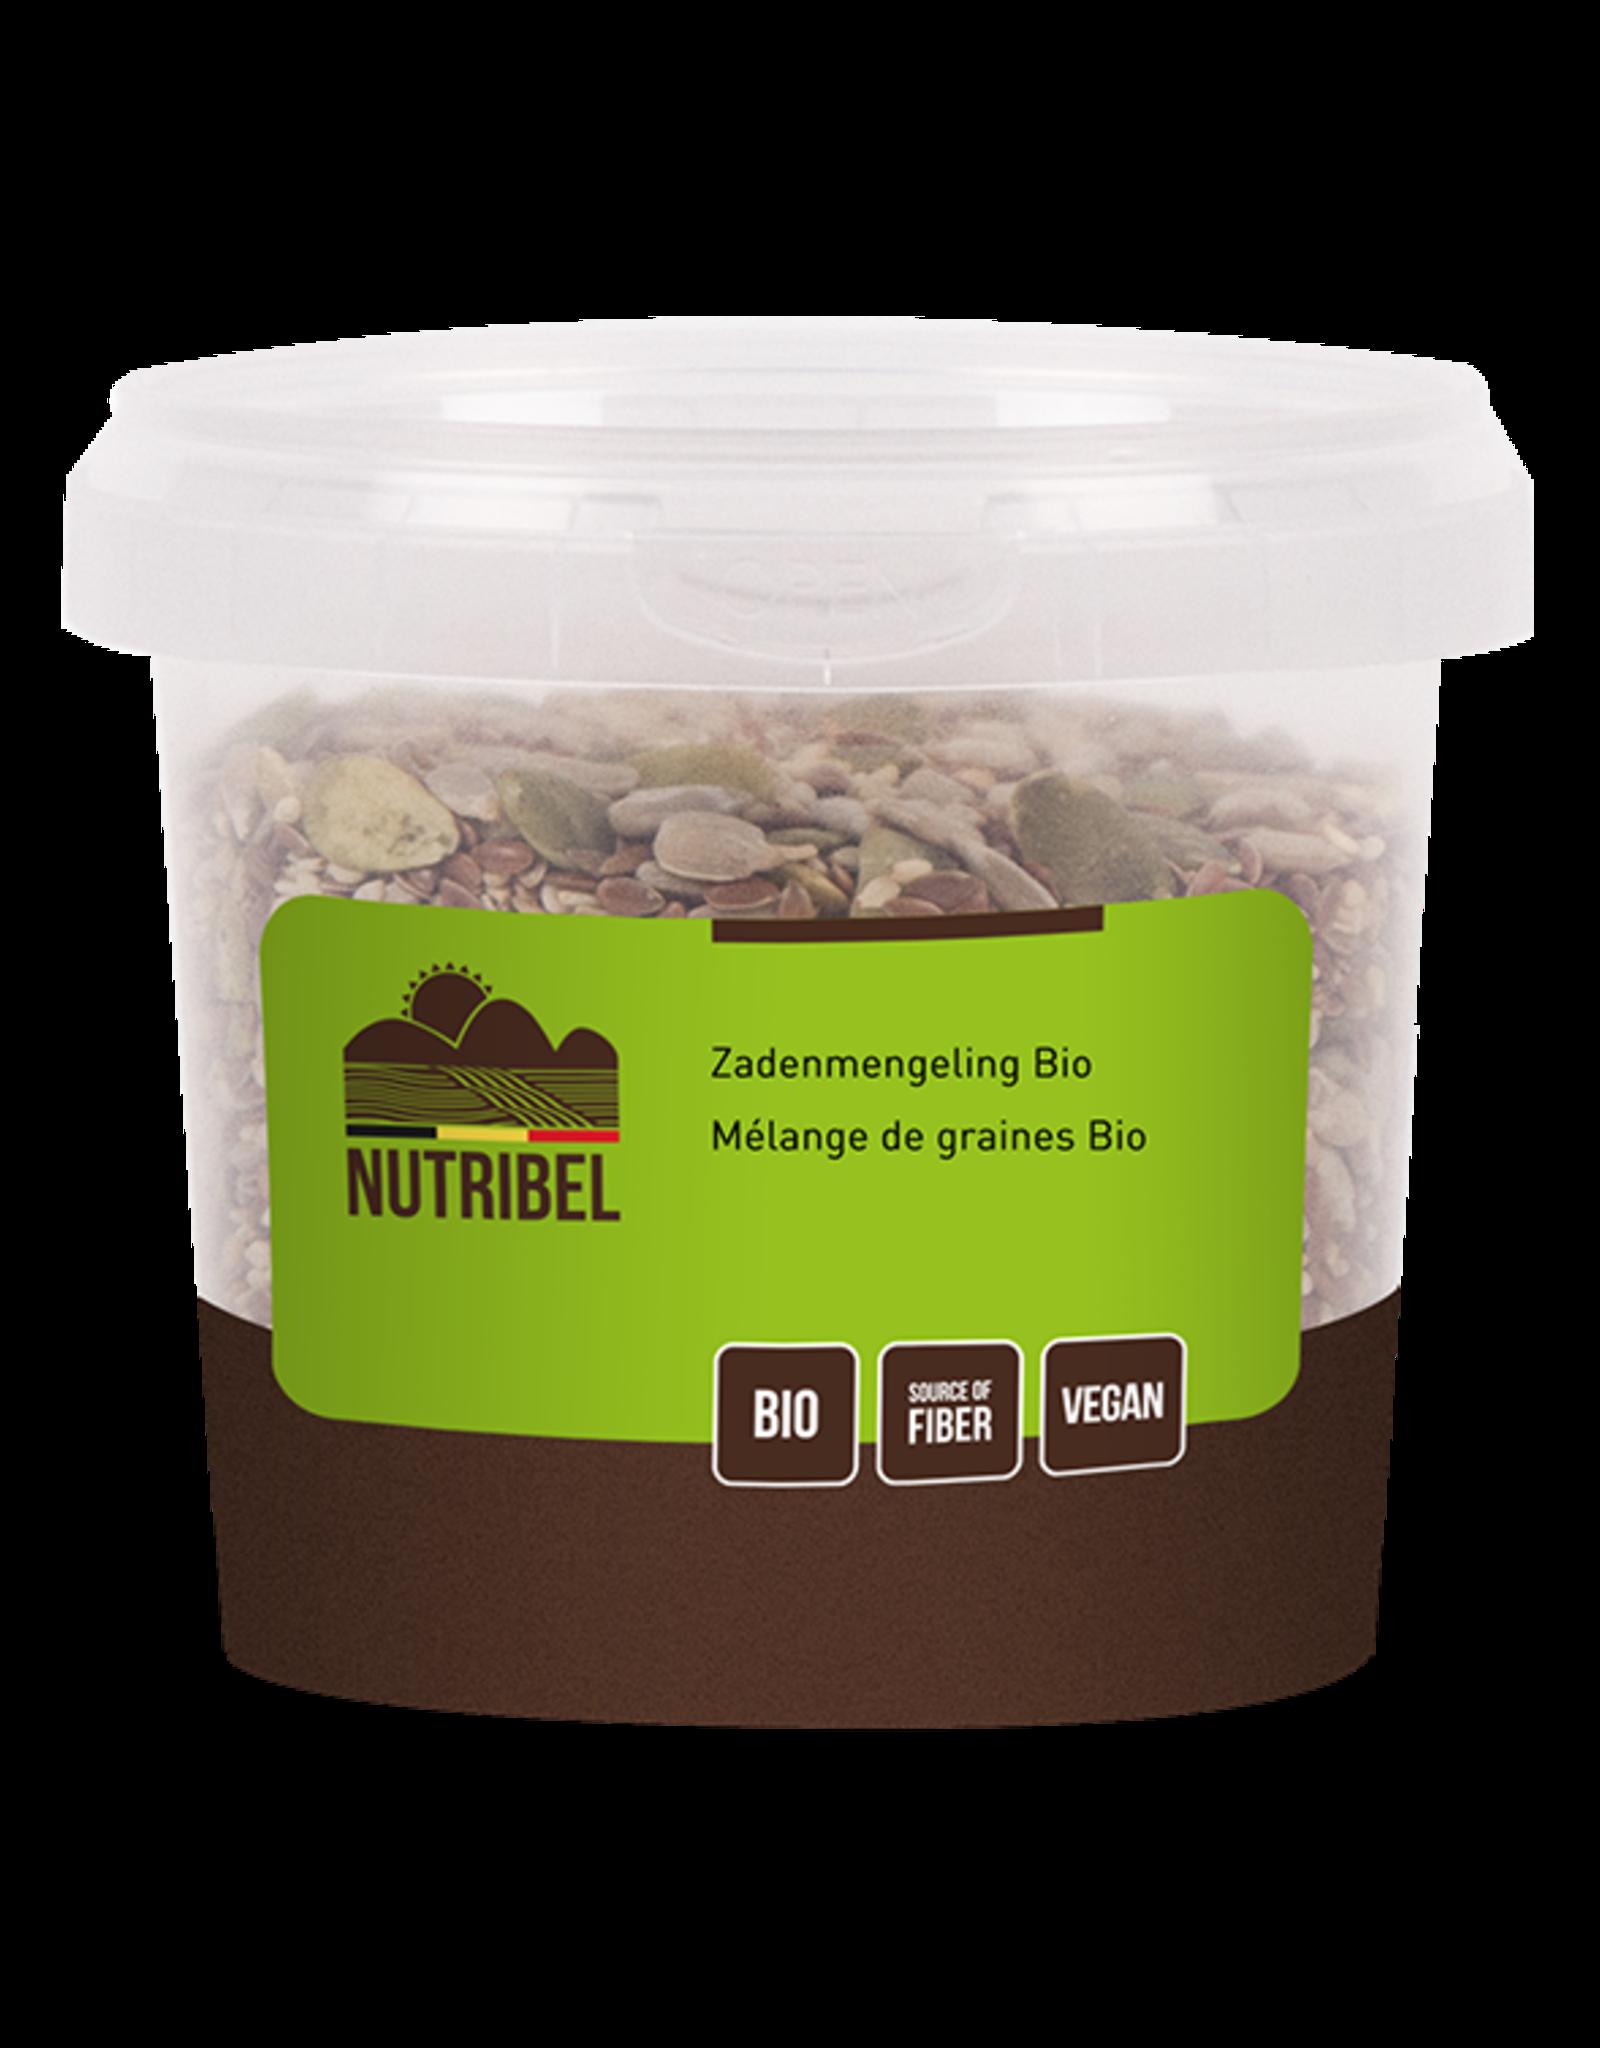 Nutribel Mélange de graines bio 200g